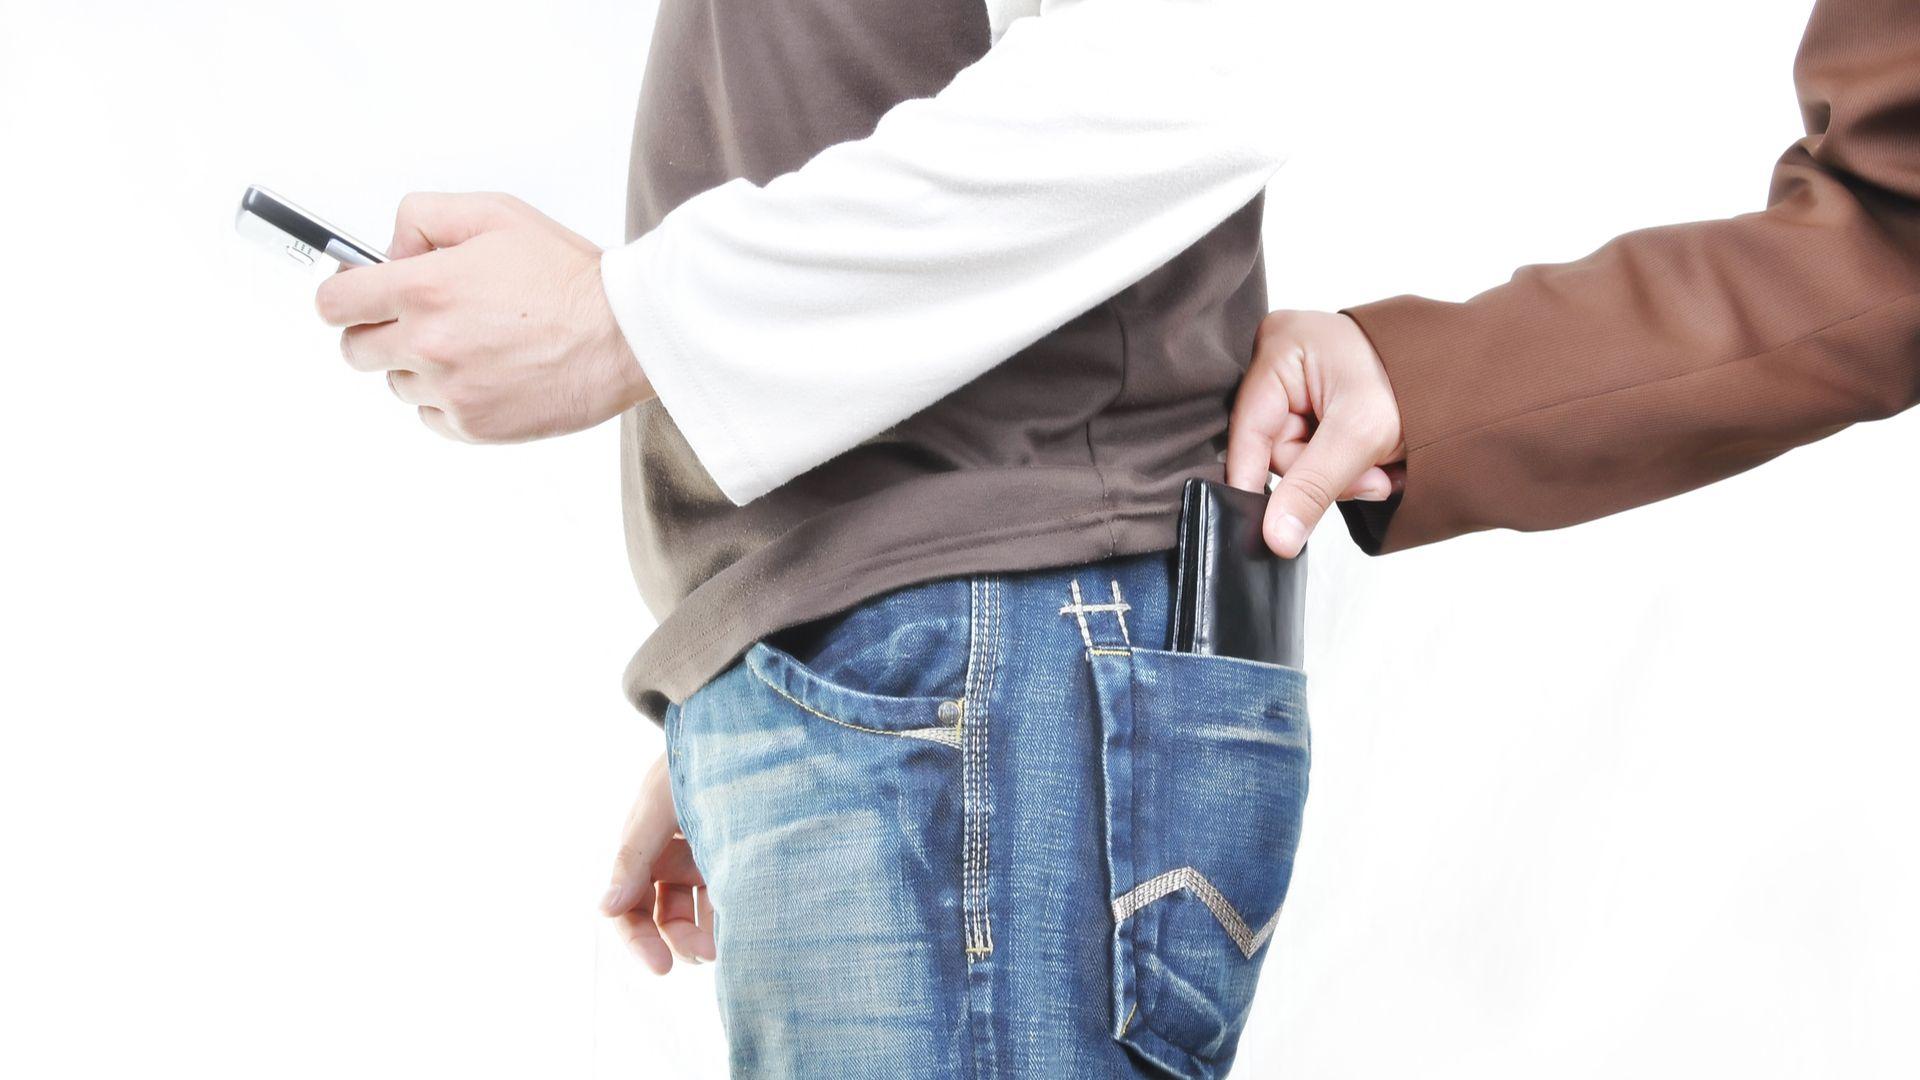 Confira as dicas para contratar um bom seguro para celular (Foto: Shutterstock)